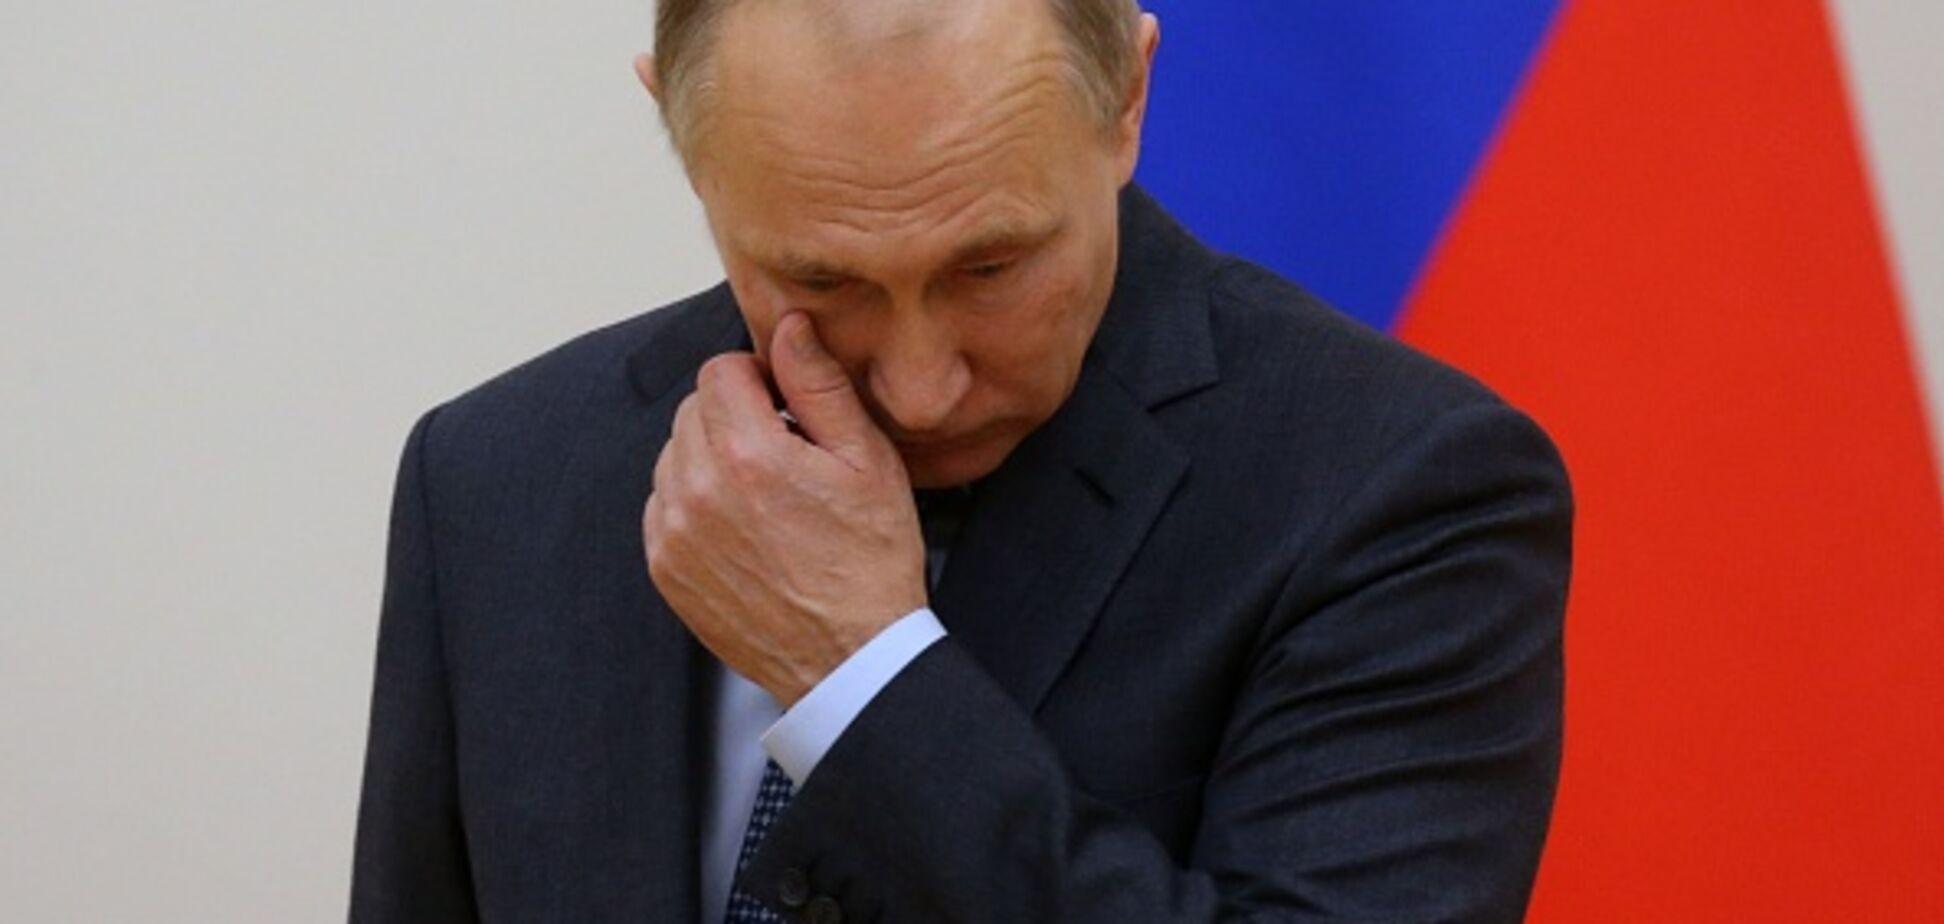 Выборы Путина: СМИ узнали о новых планах Кремля